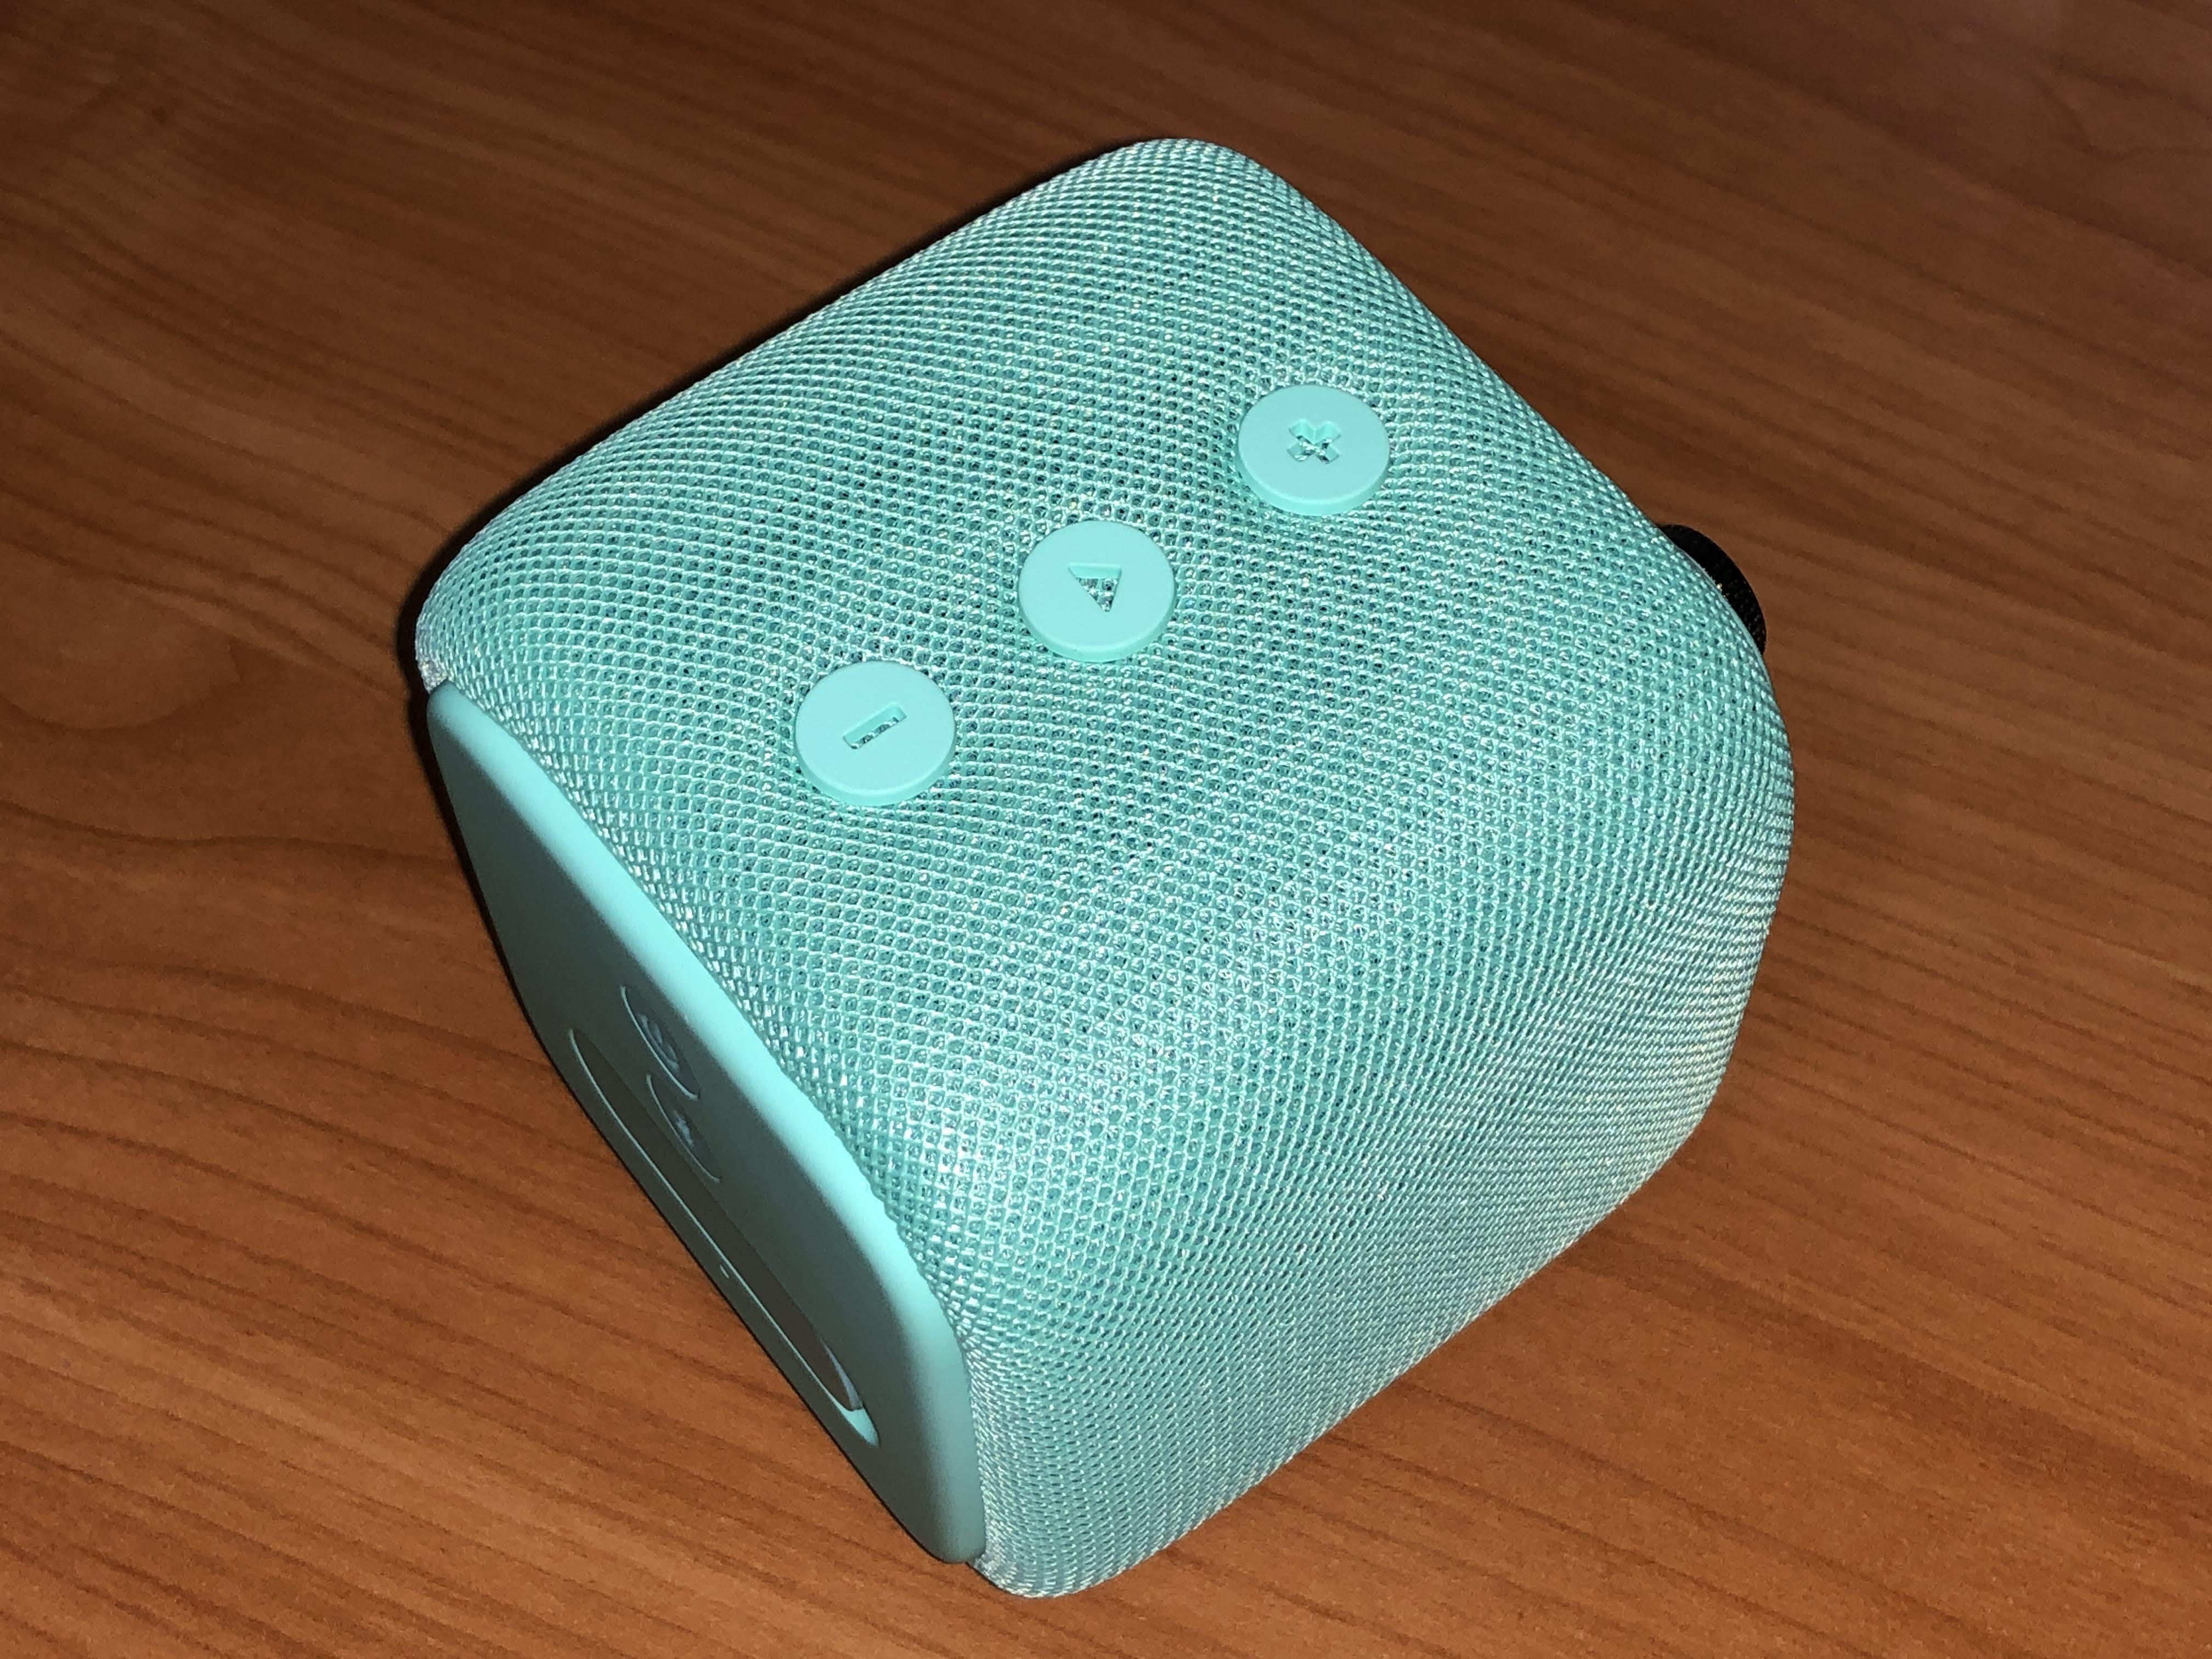 Recensione Rockbox Bold S - Lo Speaker Compatto Di Fresh'N Rebel 7 - Hynerd.it